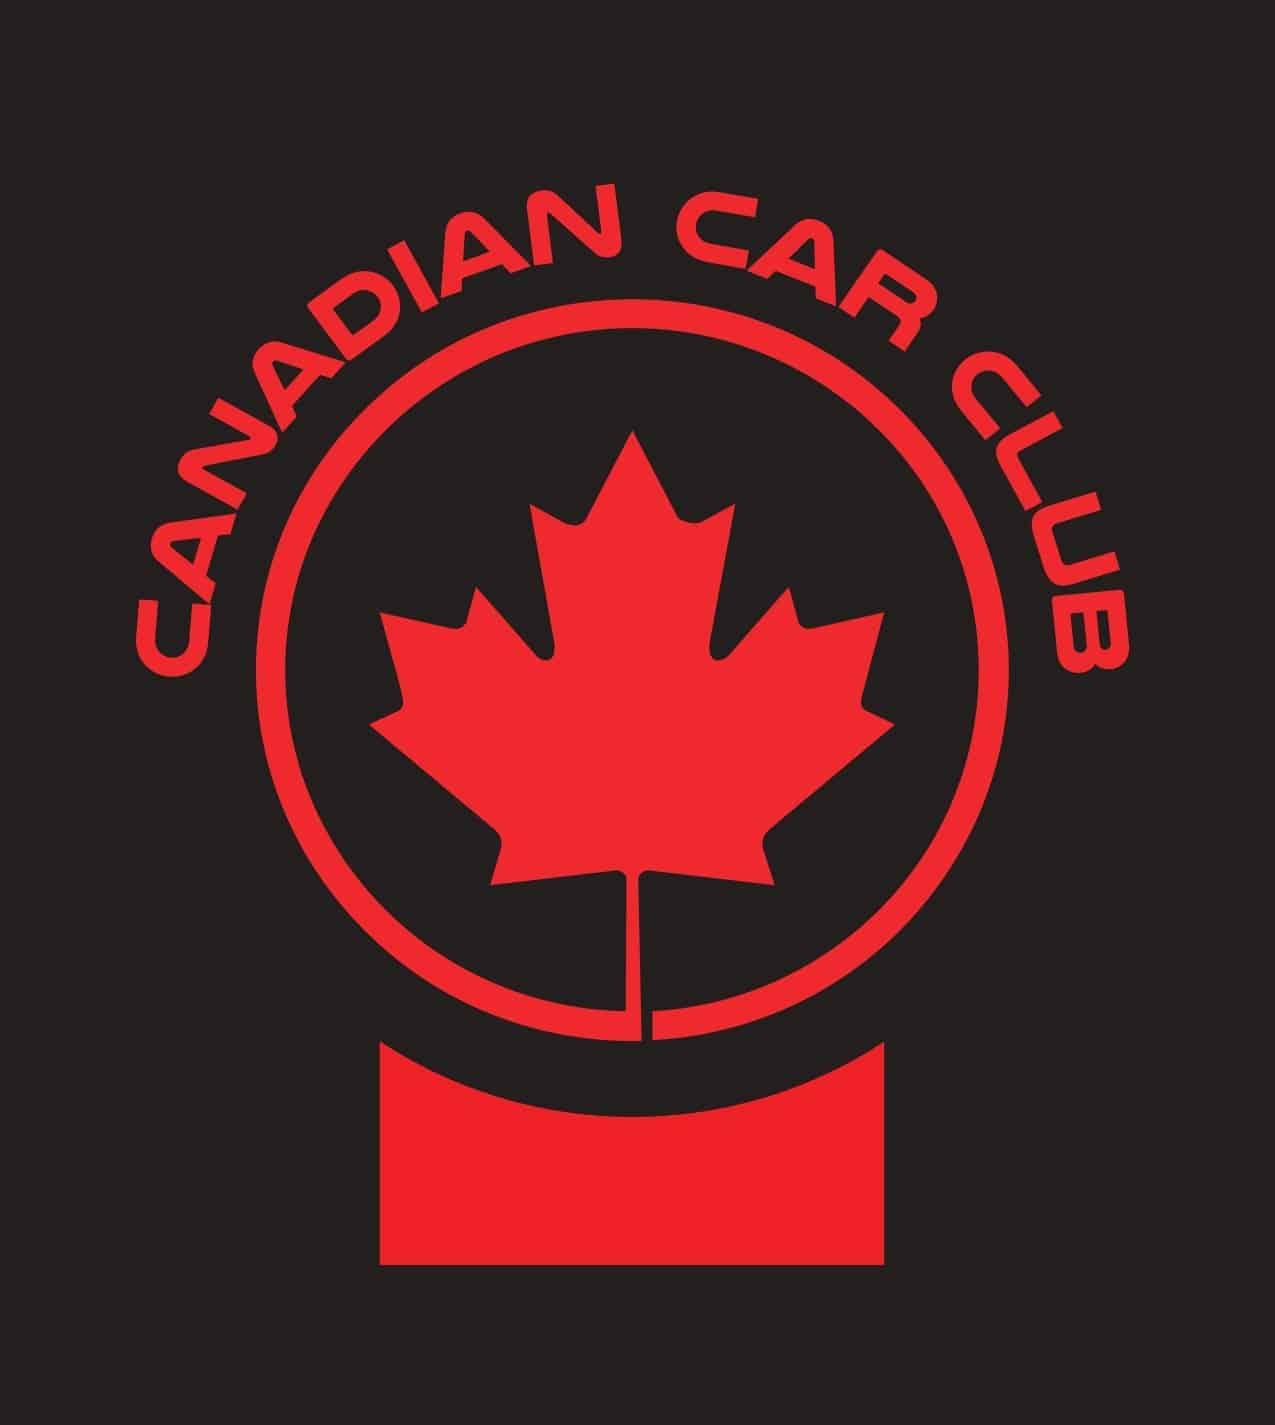 Canadian Car Club Membership